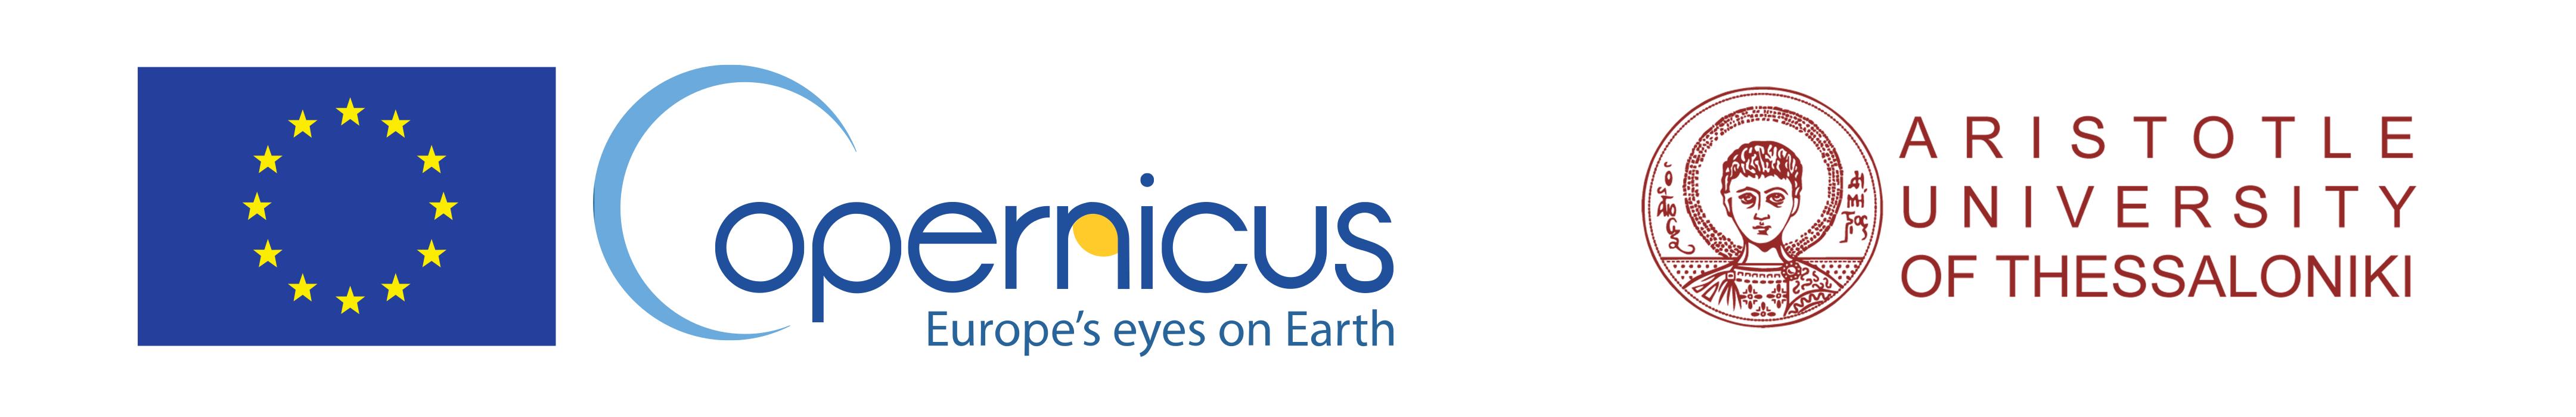 Copernicus Academy AUTh